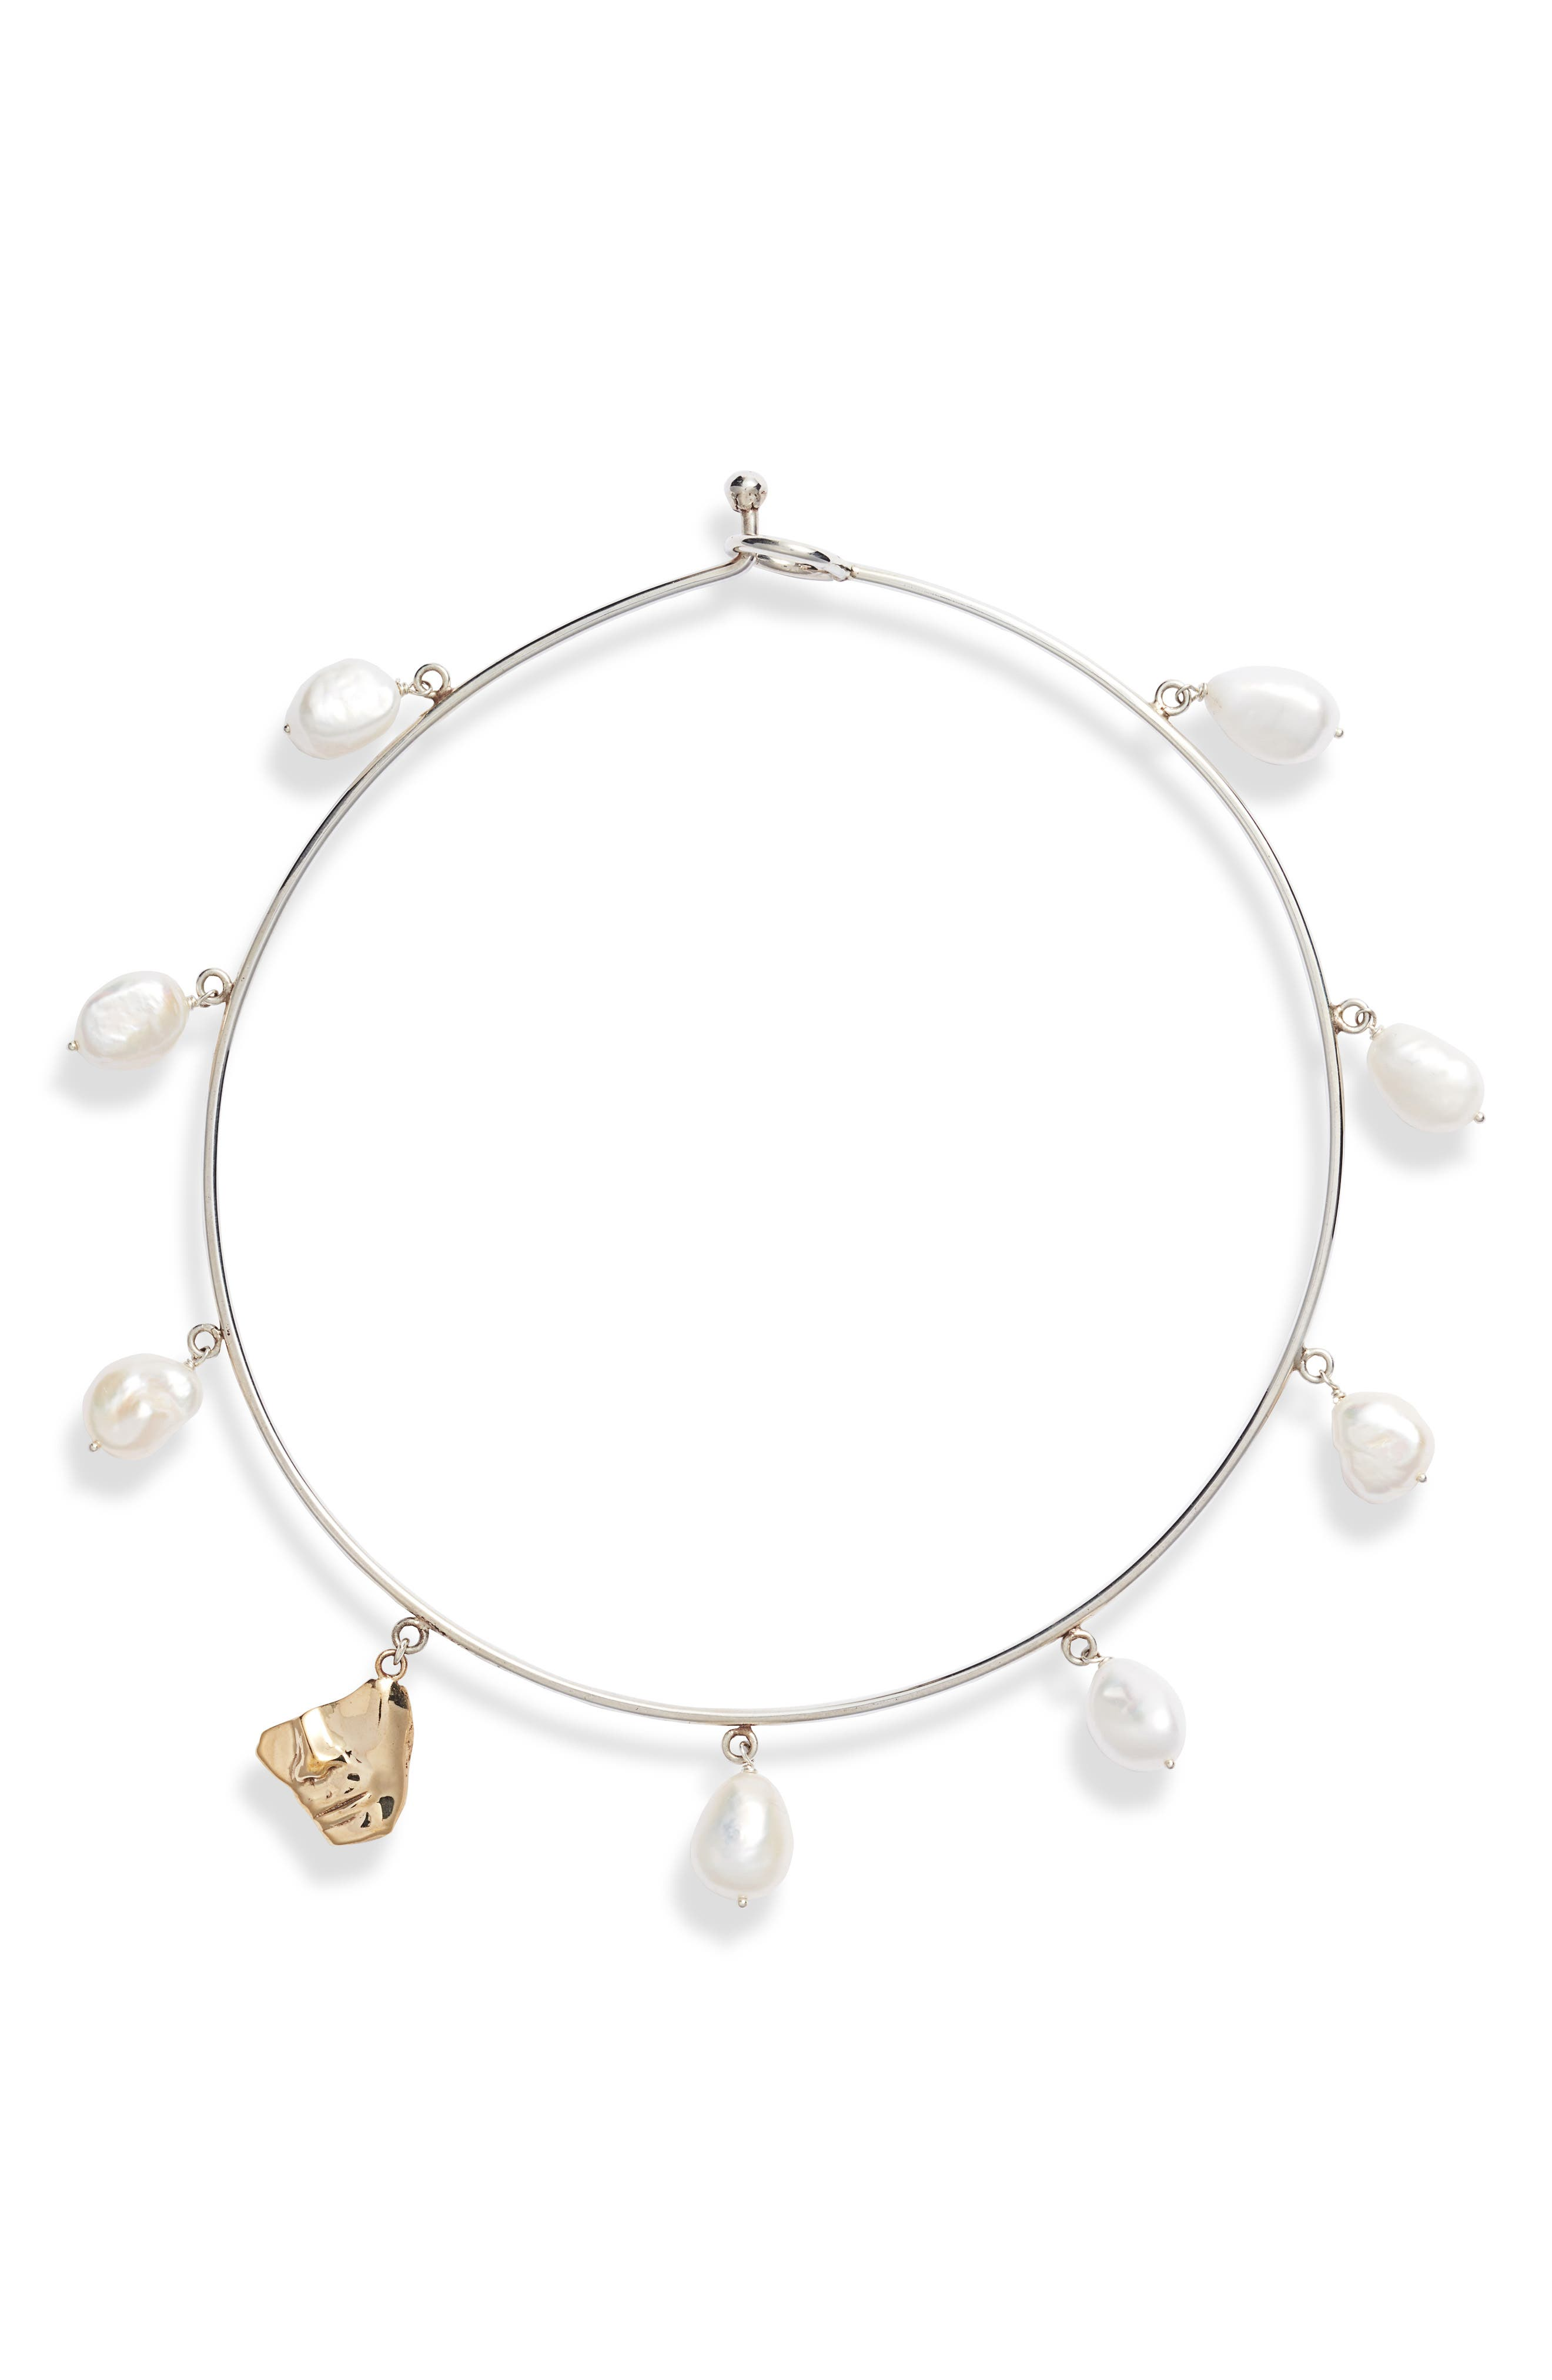 FARIS Portra Pearl Collar Necklace in Silver